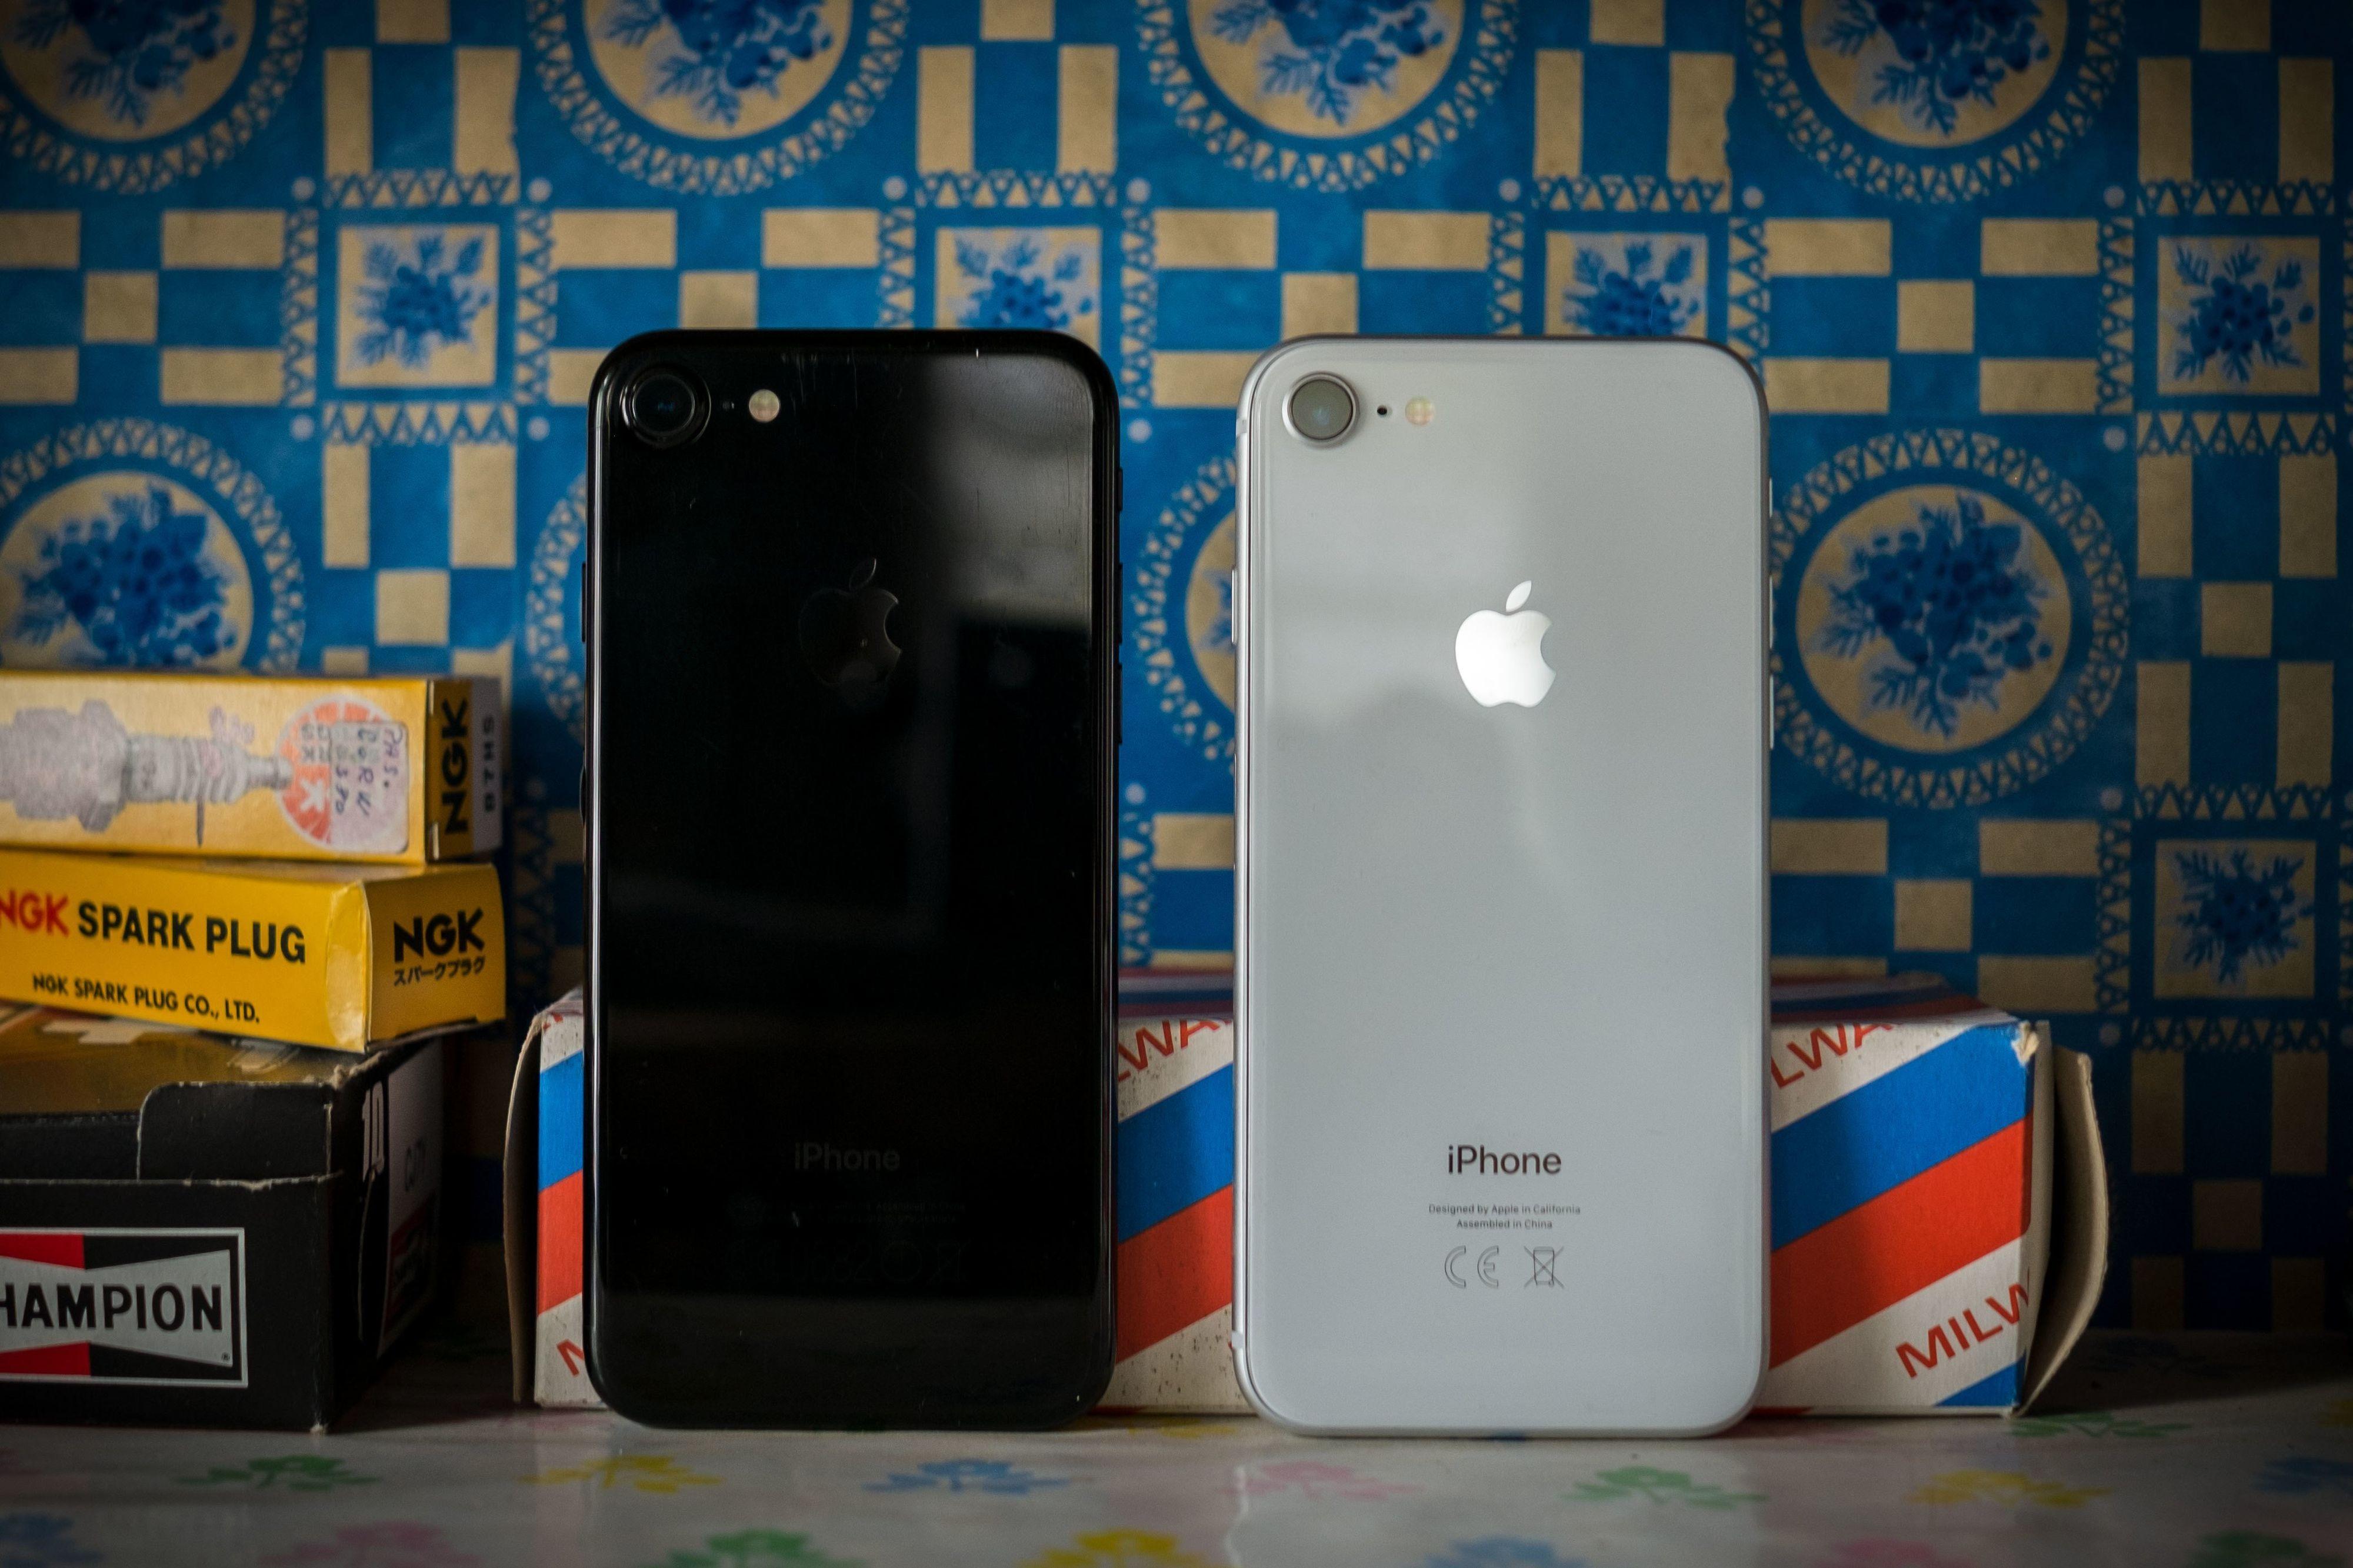 Glass på baksiden av mobilen har vært en trend de siste årene. Apples iPhoner fikk baksider i glass fra og med forrige generasjon telefoner.